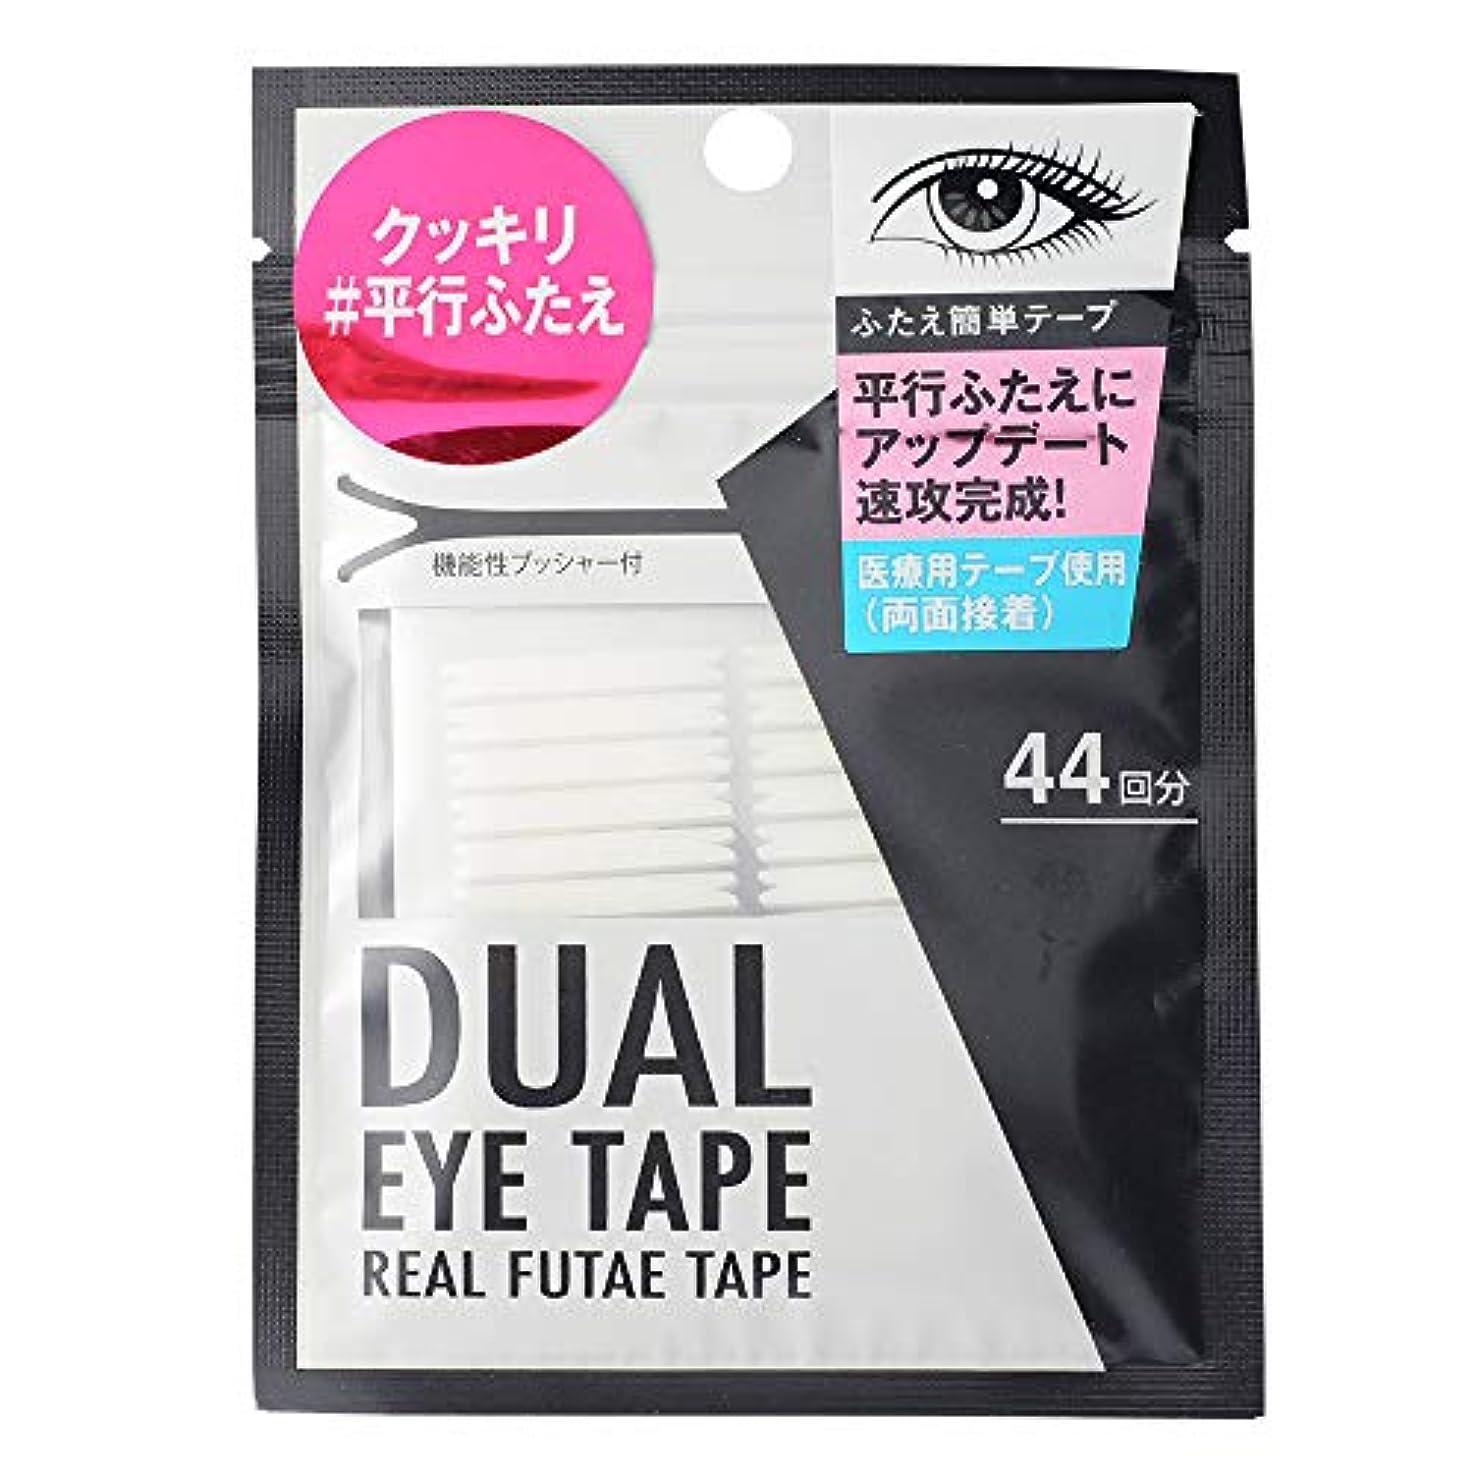 混乱した人間承認するデュアルアイテープ (平行ふたえ両面接着テープ) (44回分)